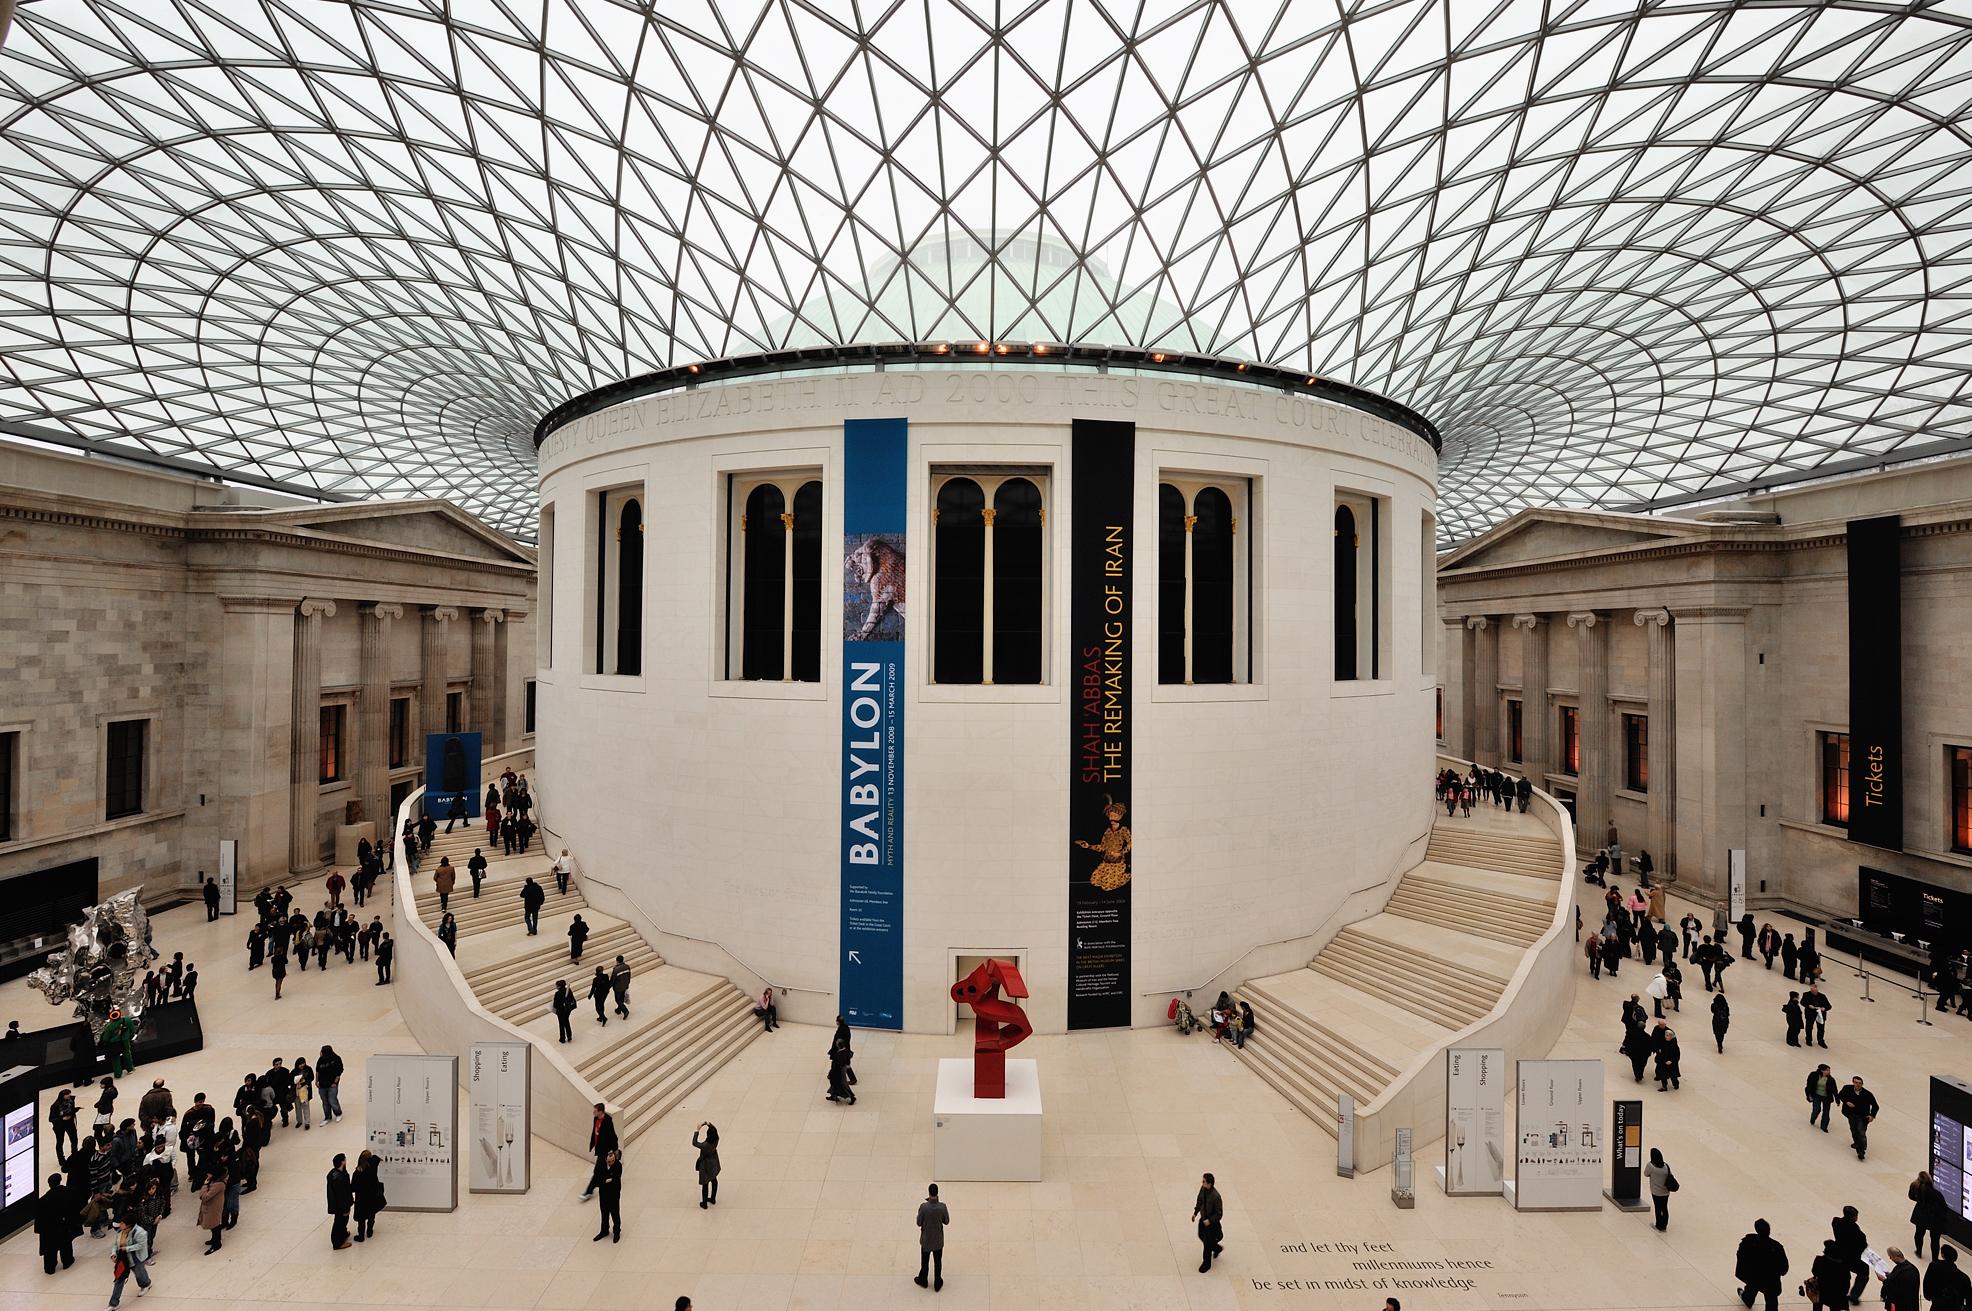 Museus do mundo para visitar sem sair de casa